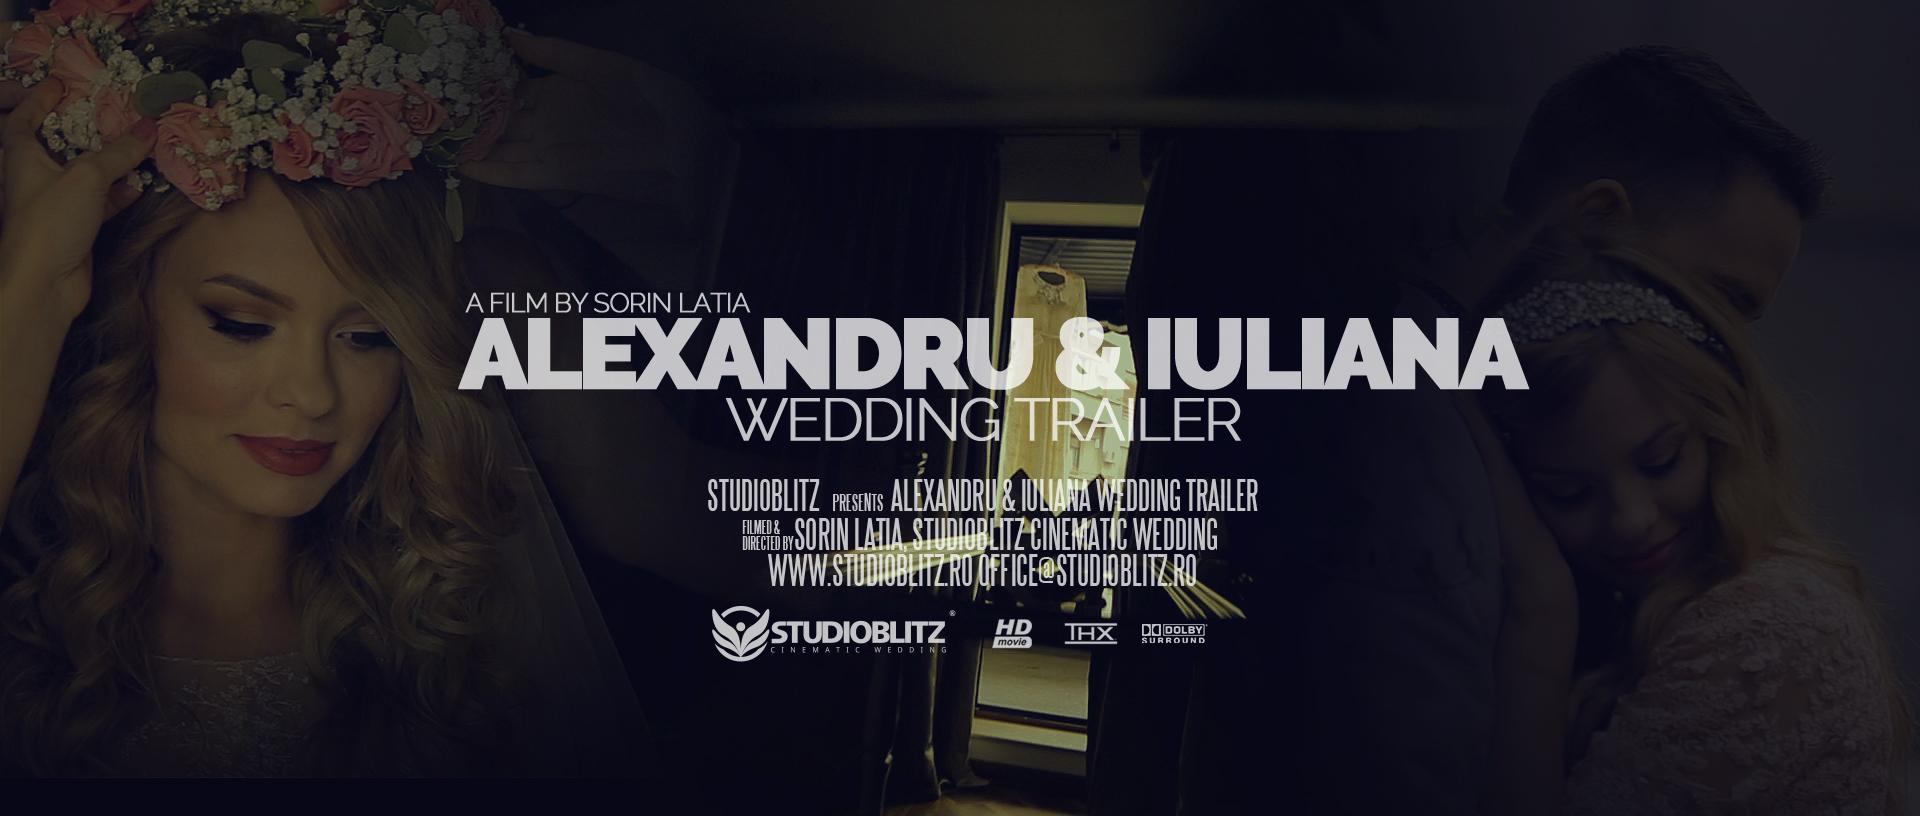 coperta-filmari-nunti-bucuresti-alexandru-iuliana-wedding-trailer